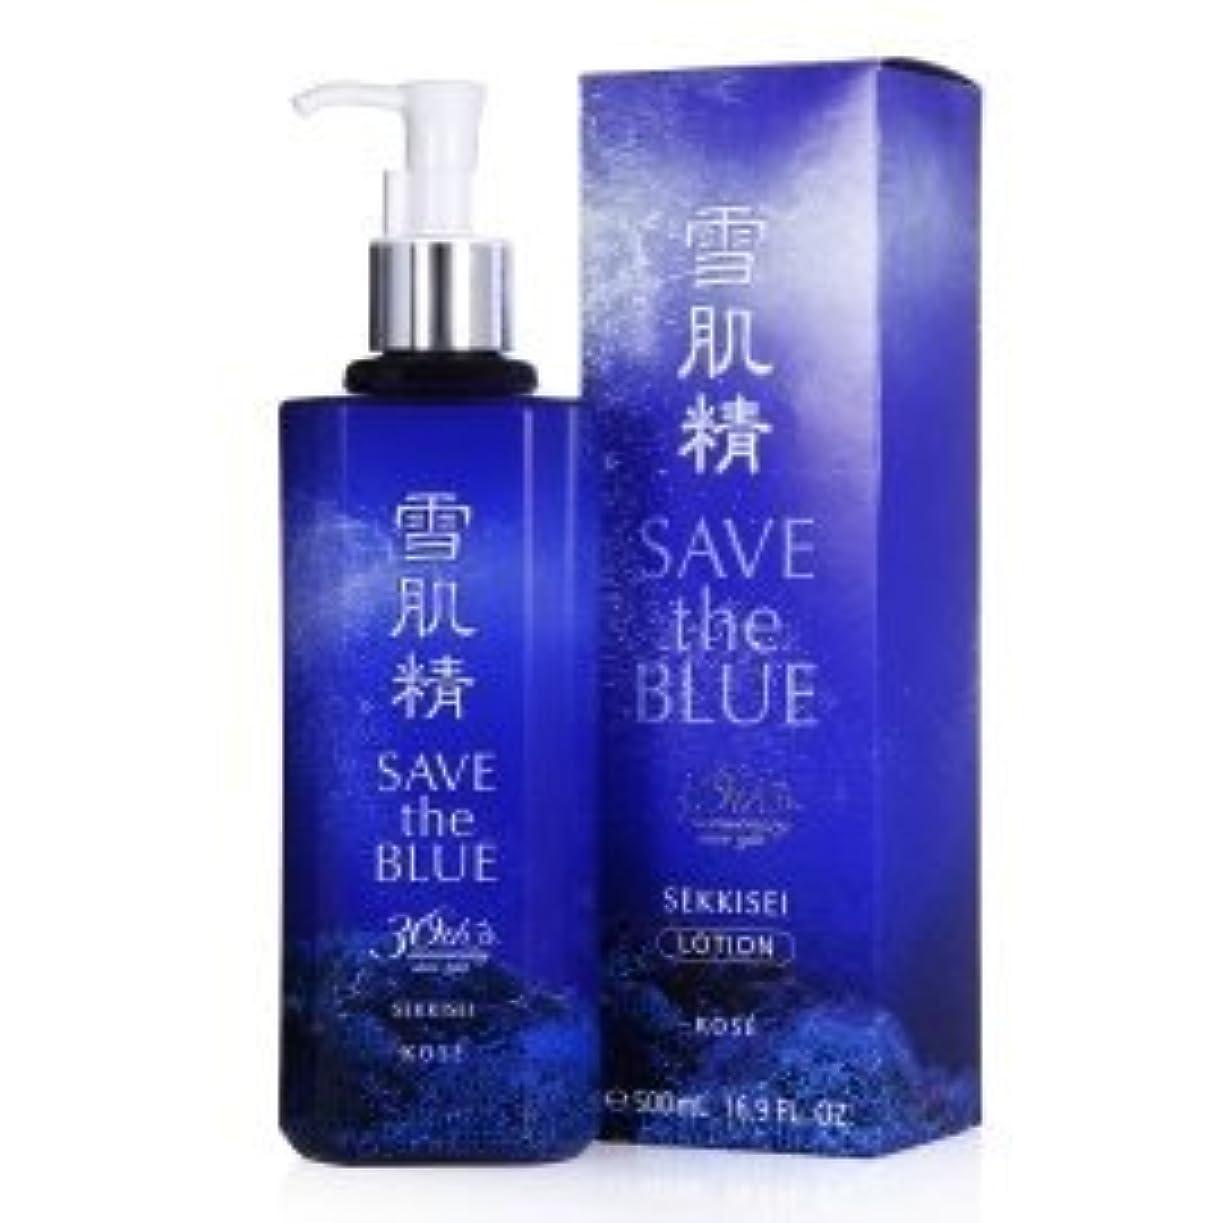 ロボット背景ベッツィトロットウッドKOSE コーセー 薬用 雪肌精 化粧水 500ml 【SAVE the BLUE】